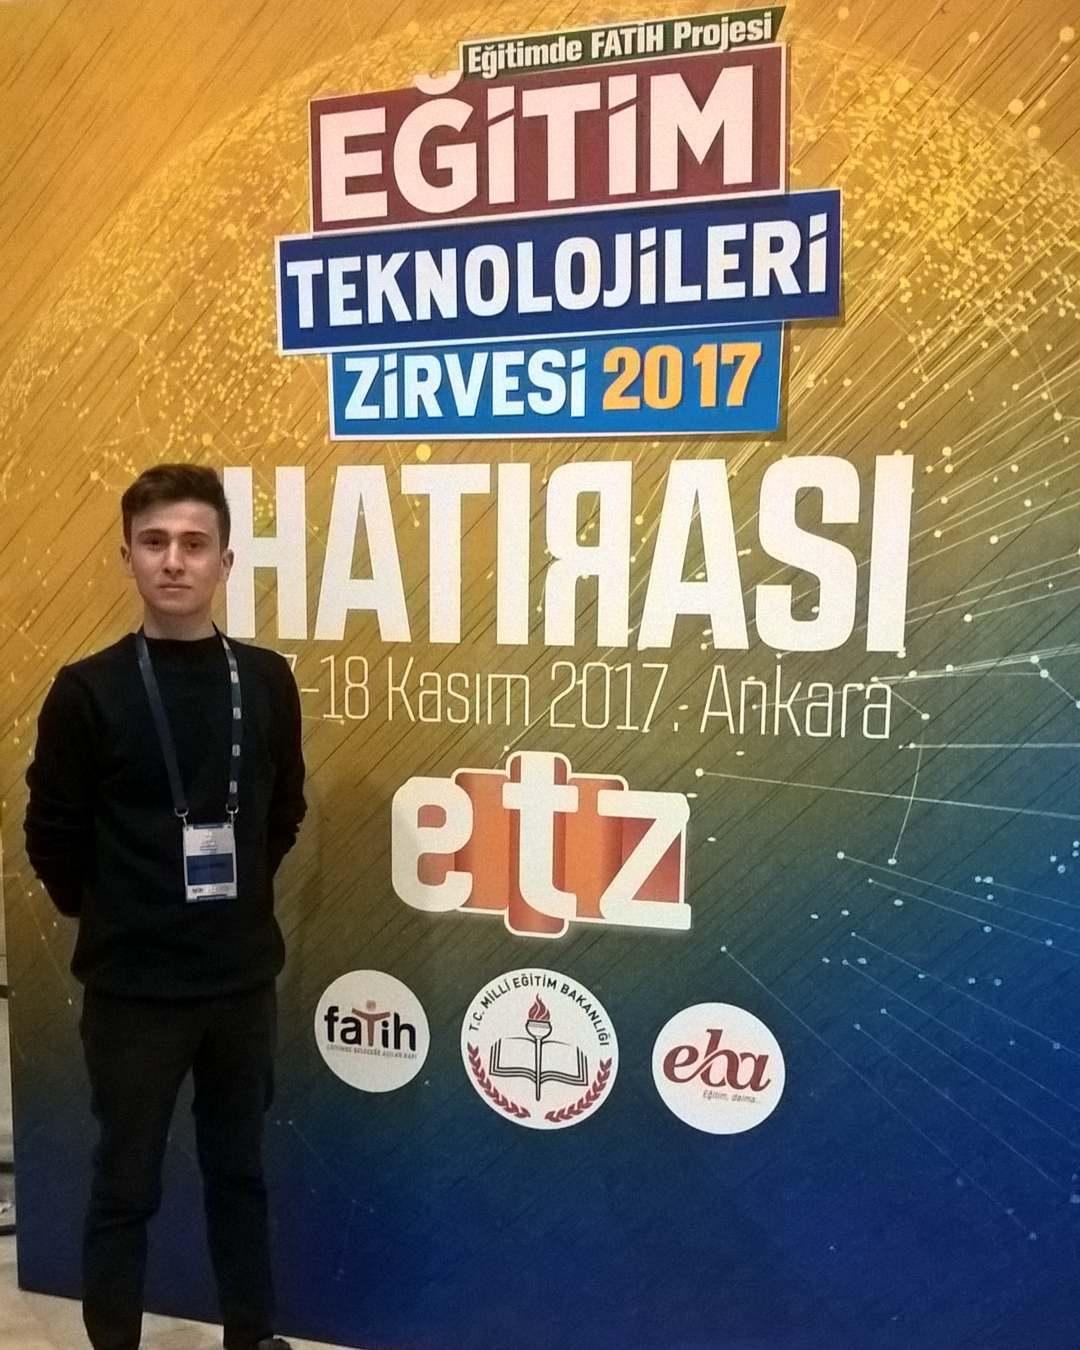 Harun İstenci Ankara'da Fatih ETZ kapsamında tasarladığı ortopedik engelliler için tasarladığı kaşık ile Türkiye 2.si olmuştur.